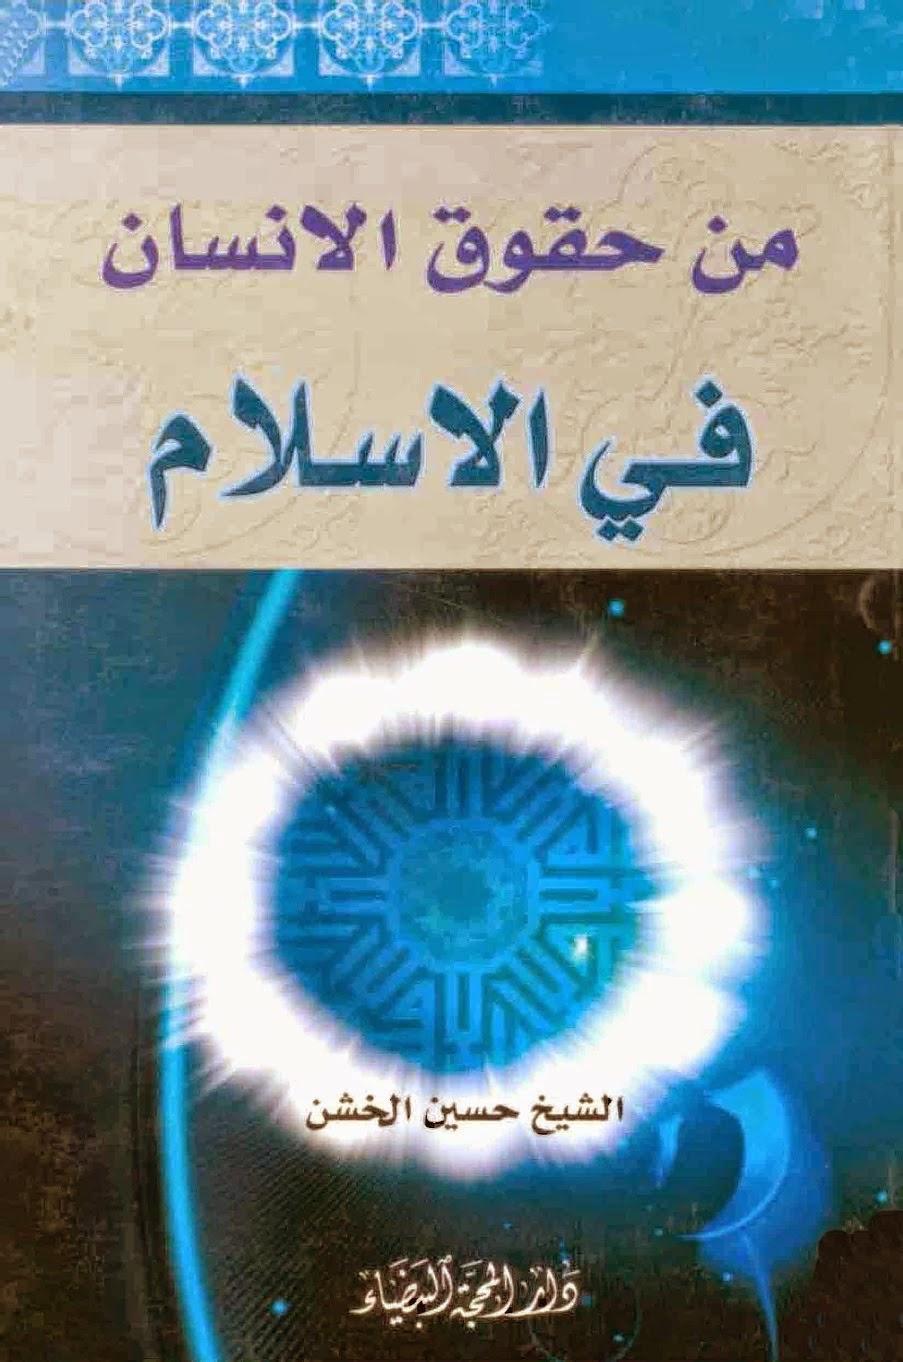 كتاب من حقوق الانسان في الاسلام - حسين أحمد الخشن